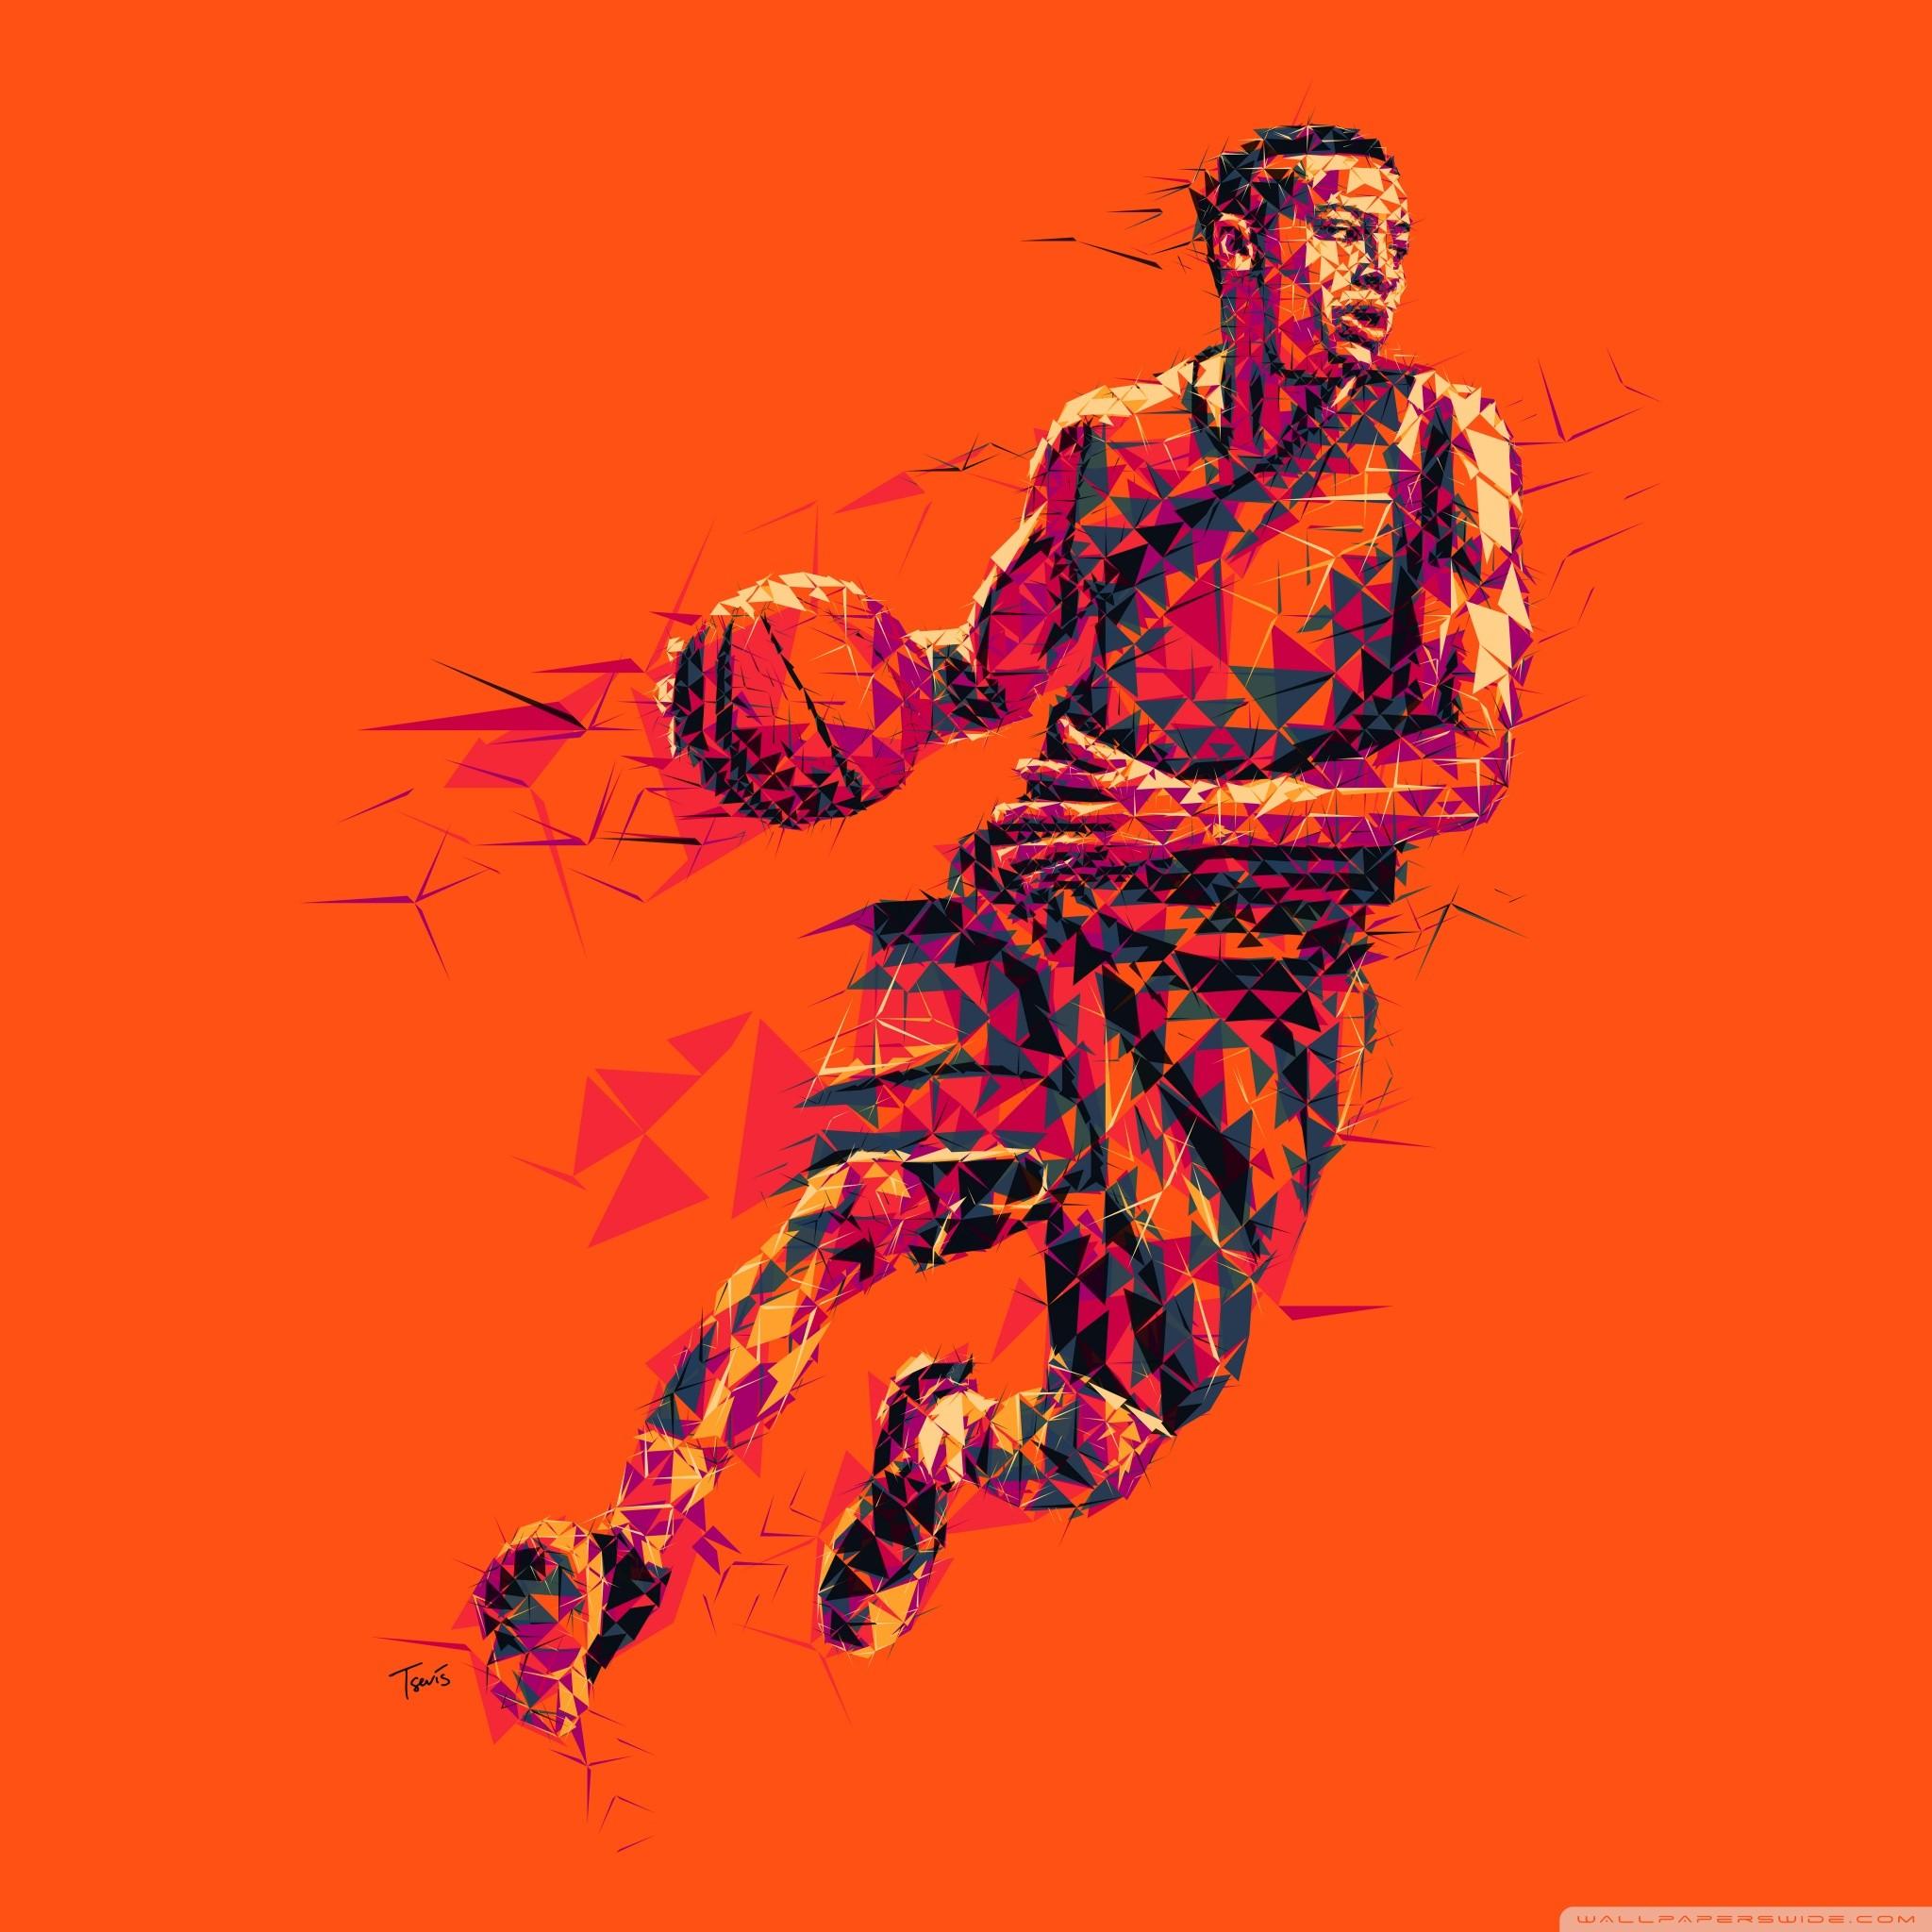 … basketball hd desktop wallpaper widescreen high definition …